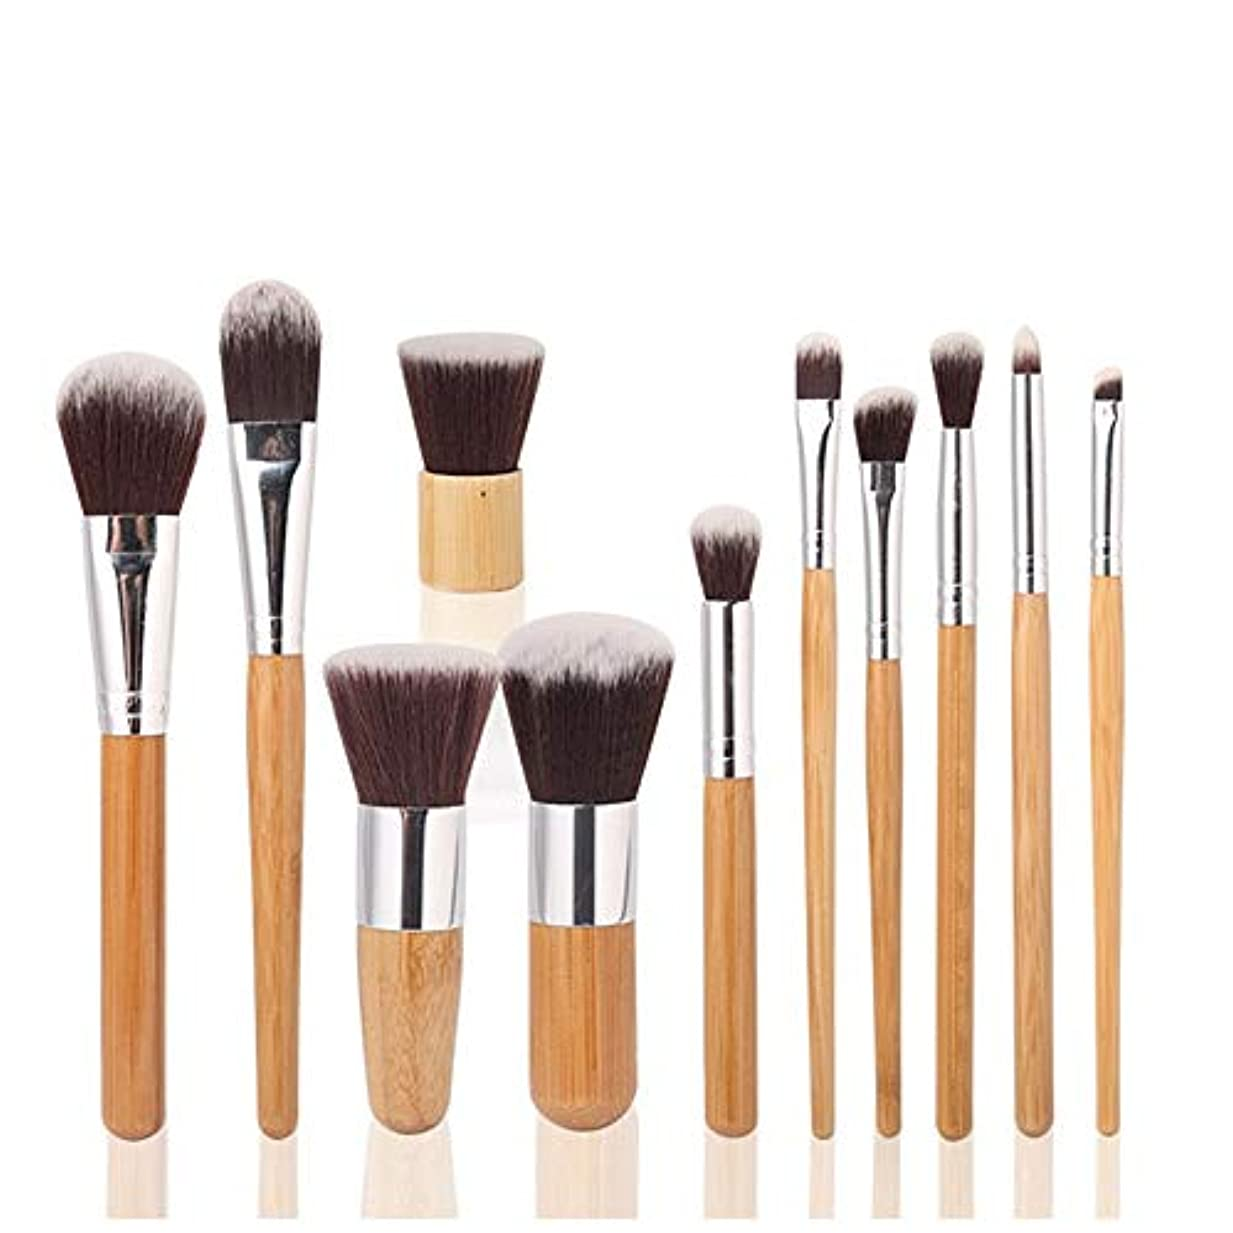 ルーチンかんたん持っているMakeup brushes 11竹ハンドル化粧ブラシツールポータブルセットコンシーラー美容化粧放電組み合わせリネンバッグを送信 suits (Color : Clear)